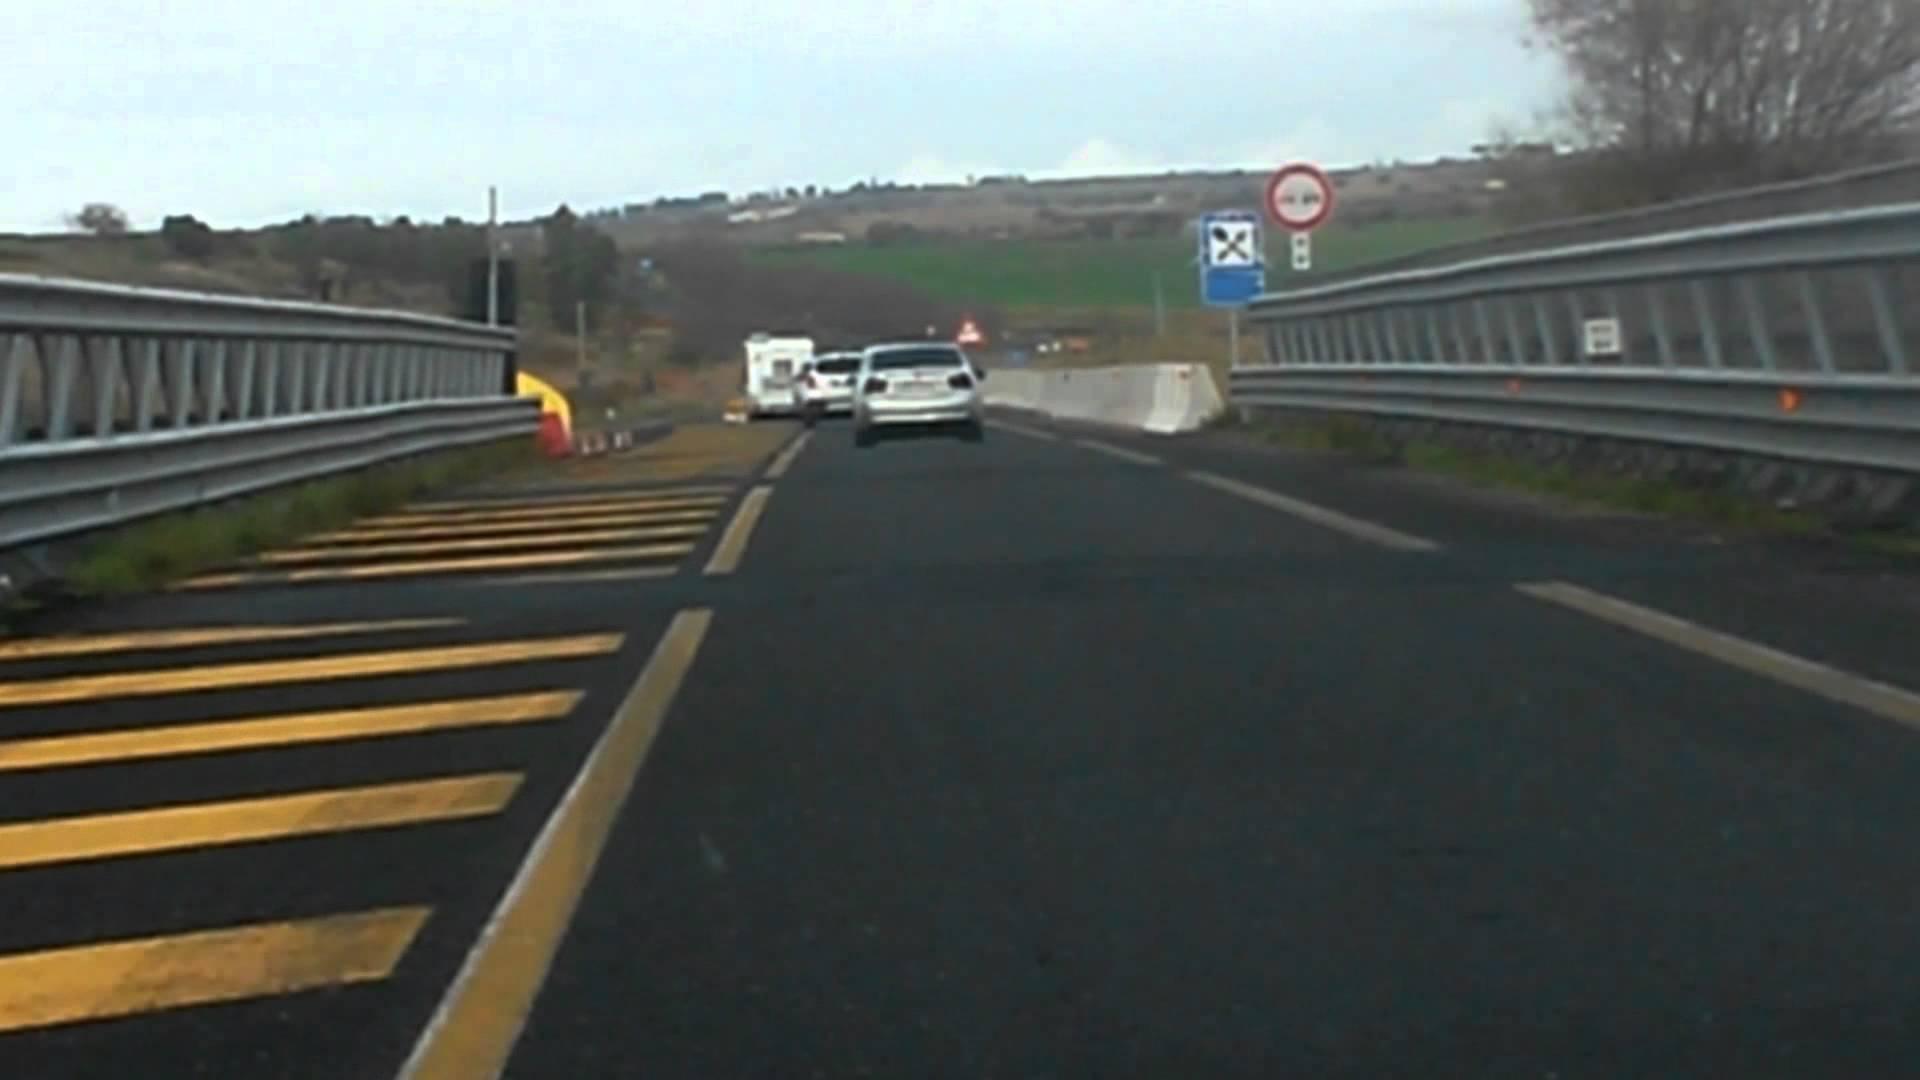 """Da  mercoledì 20 giugno chiusa l'A19 """"Palermo-Catania"""" in direzione Palermo tra Enna e ponte Cinque Archi"""